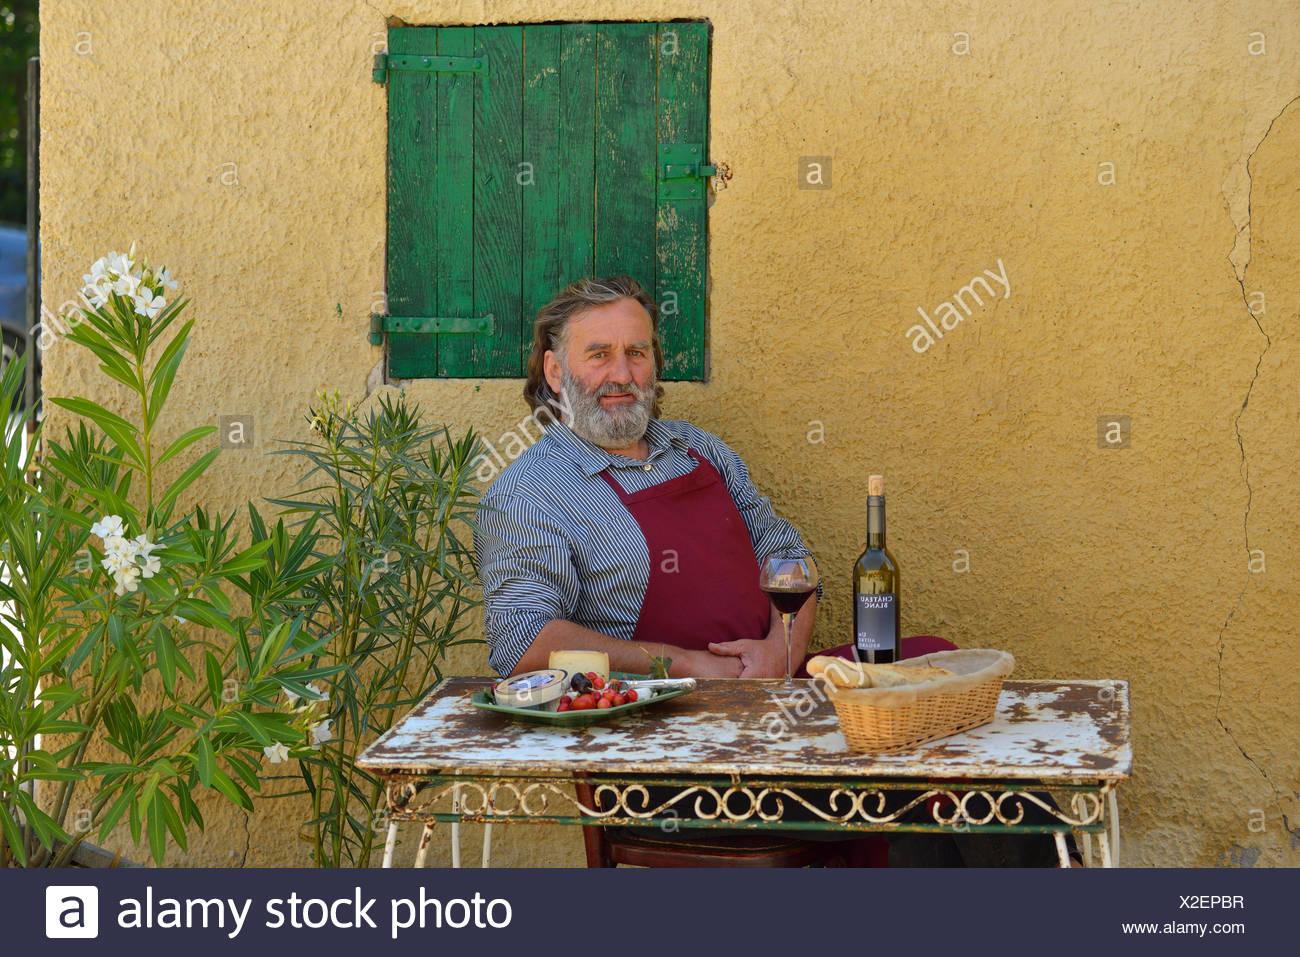 Europa, Frankreich, Provence, Mann, sitzen, französische, Tisch, Wein, St. Saturnin Les Apt, fünfzig Stockbild